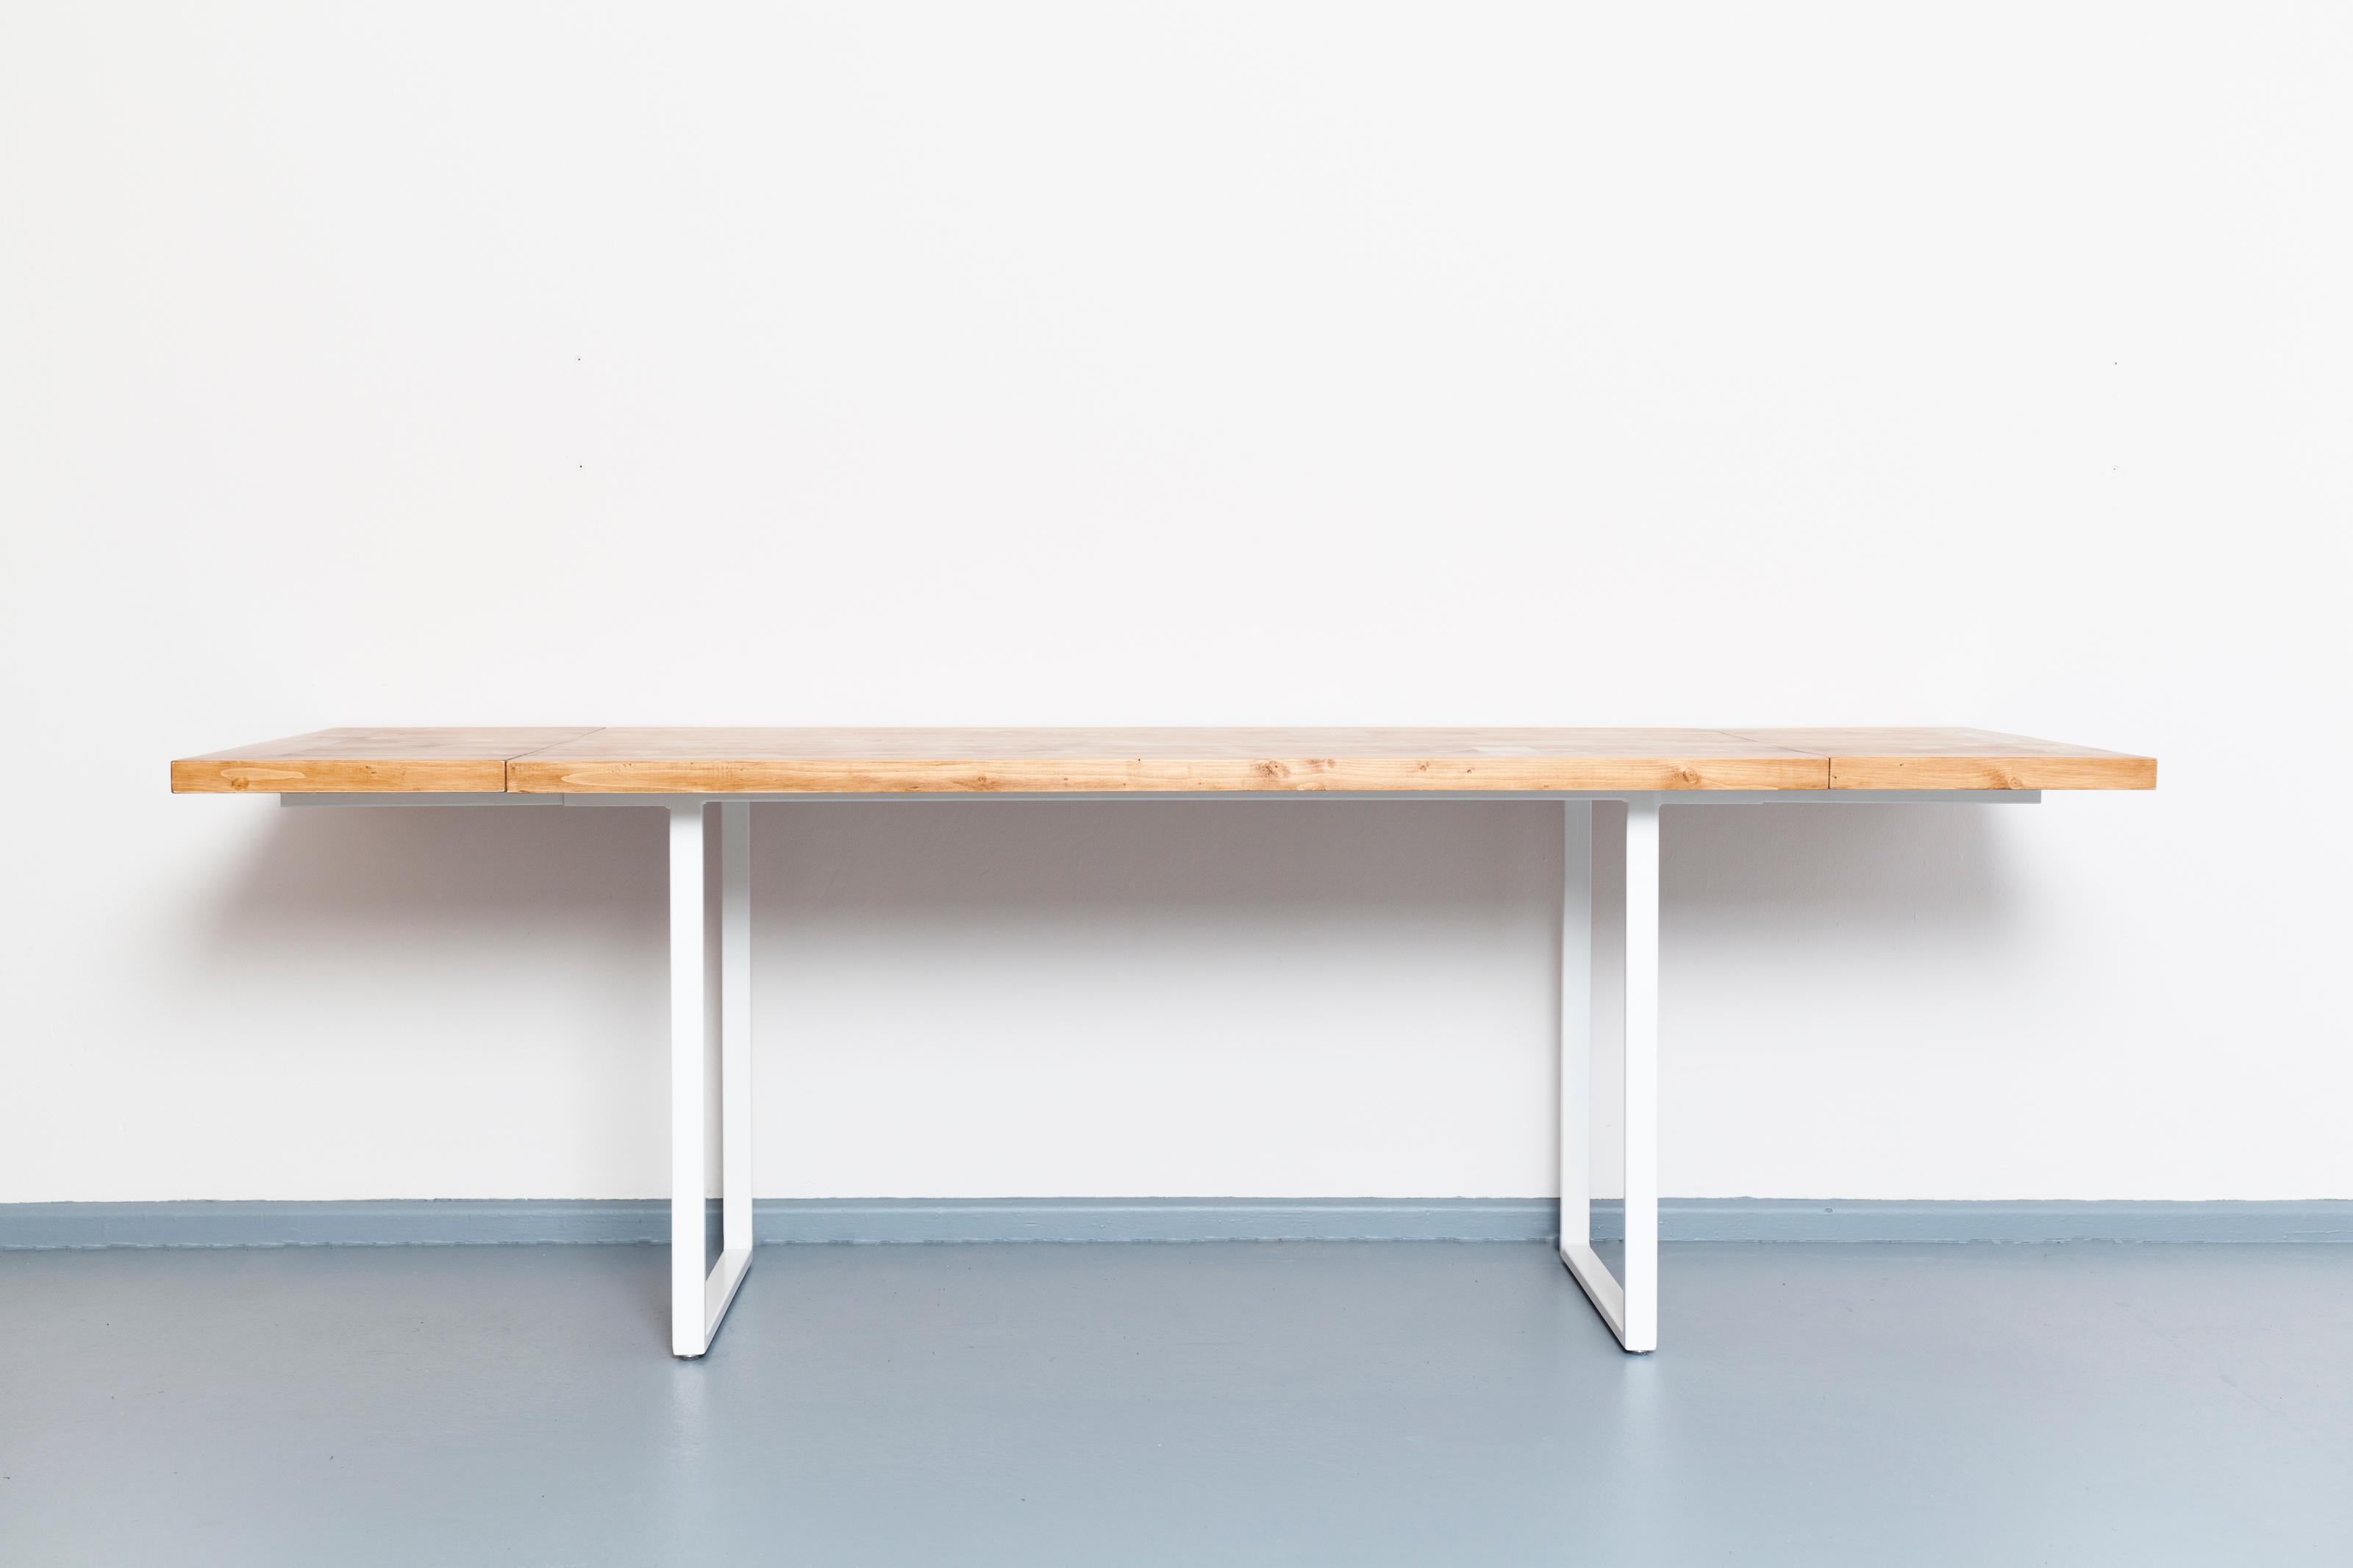 Tisch bilder ideen couchstyle for Minimalistisch essen